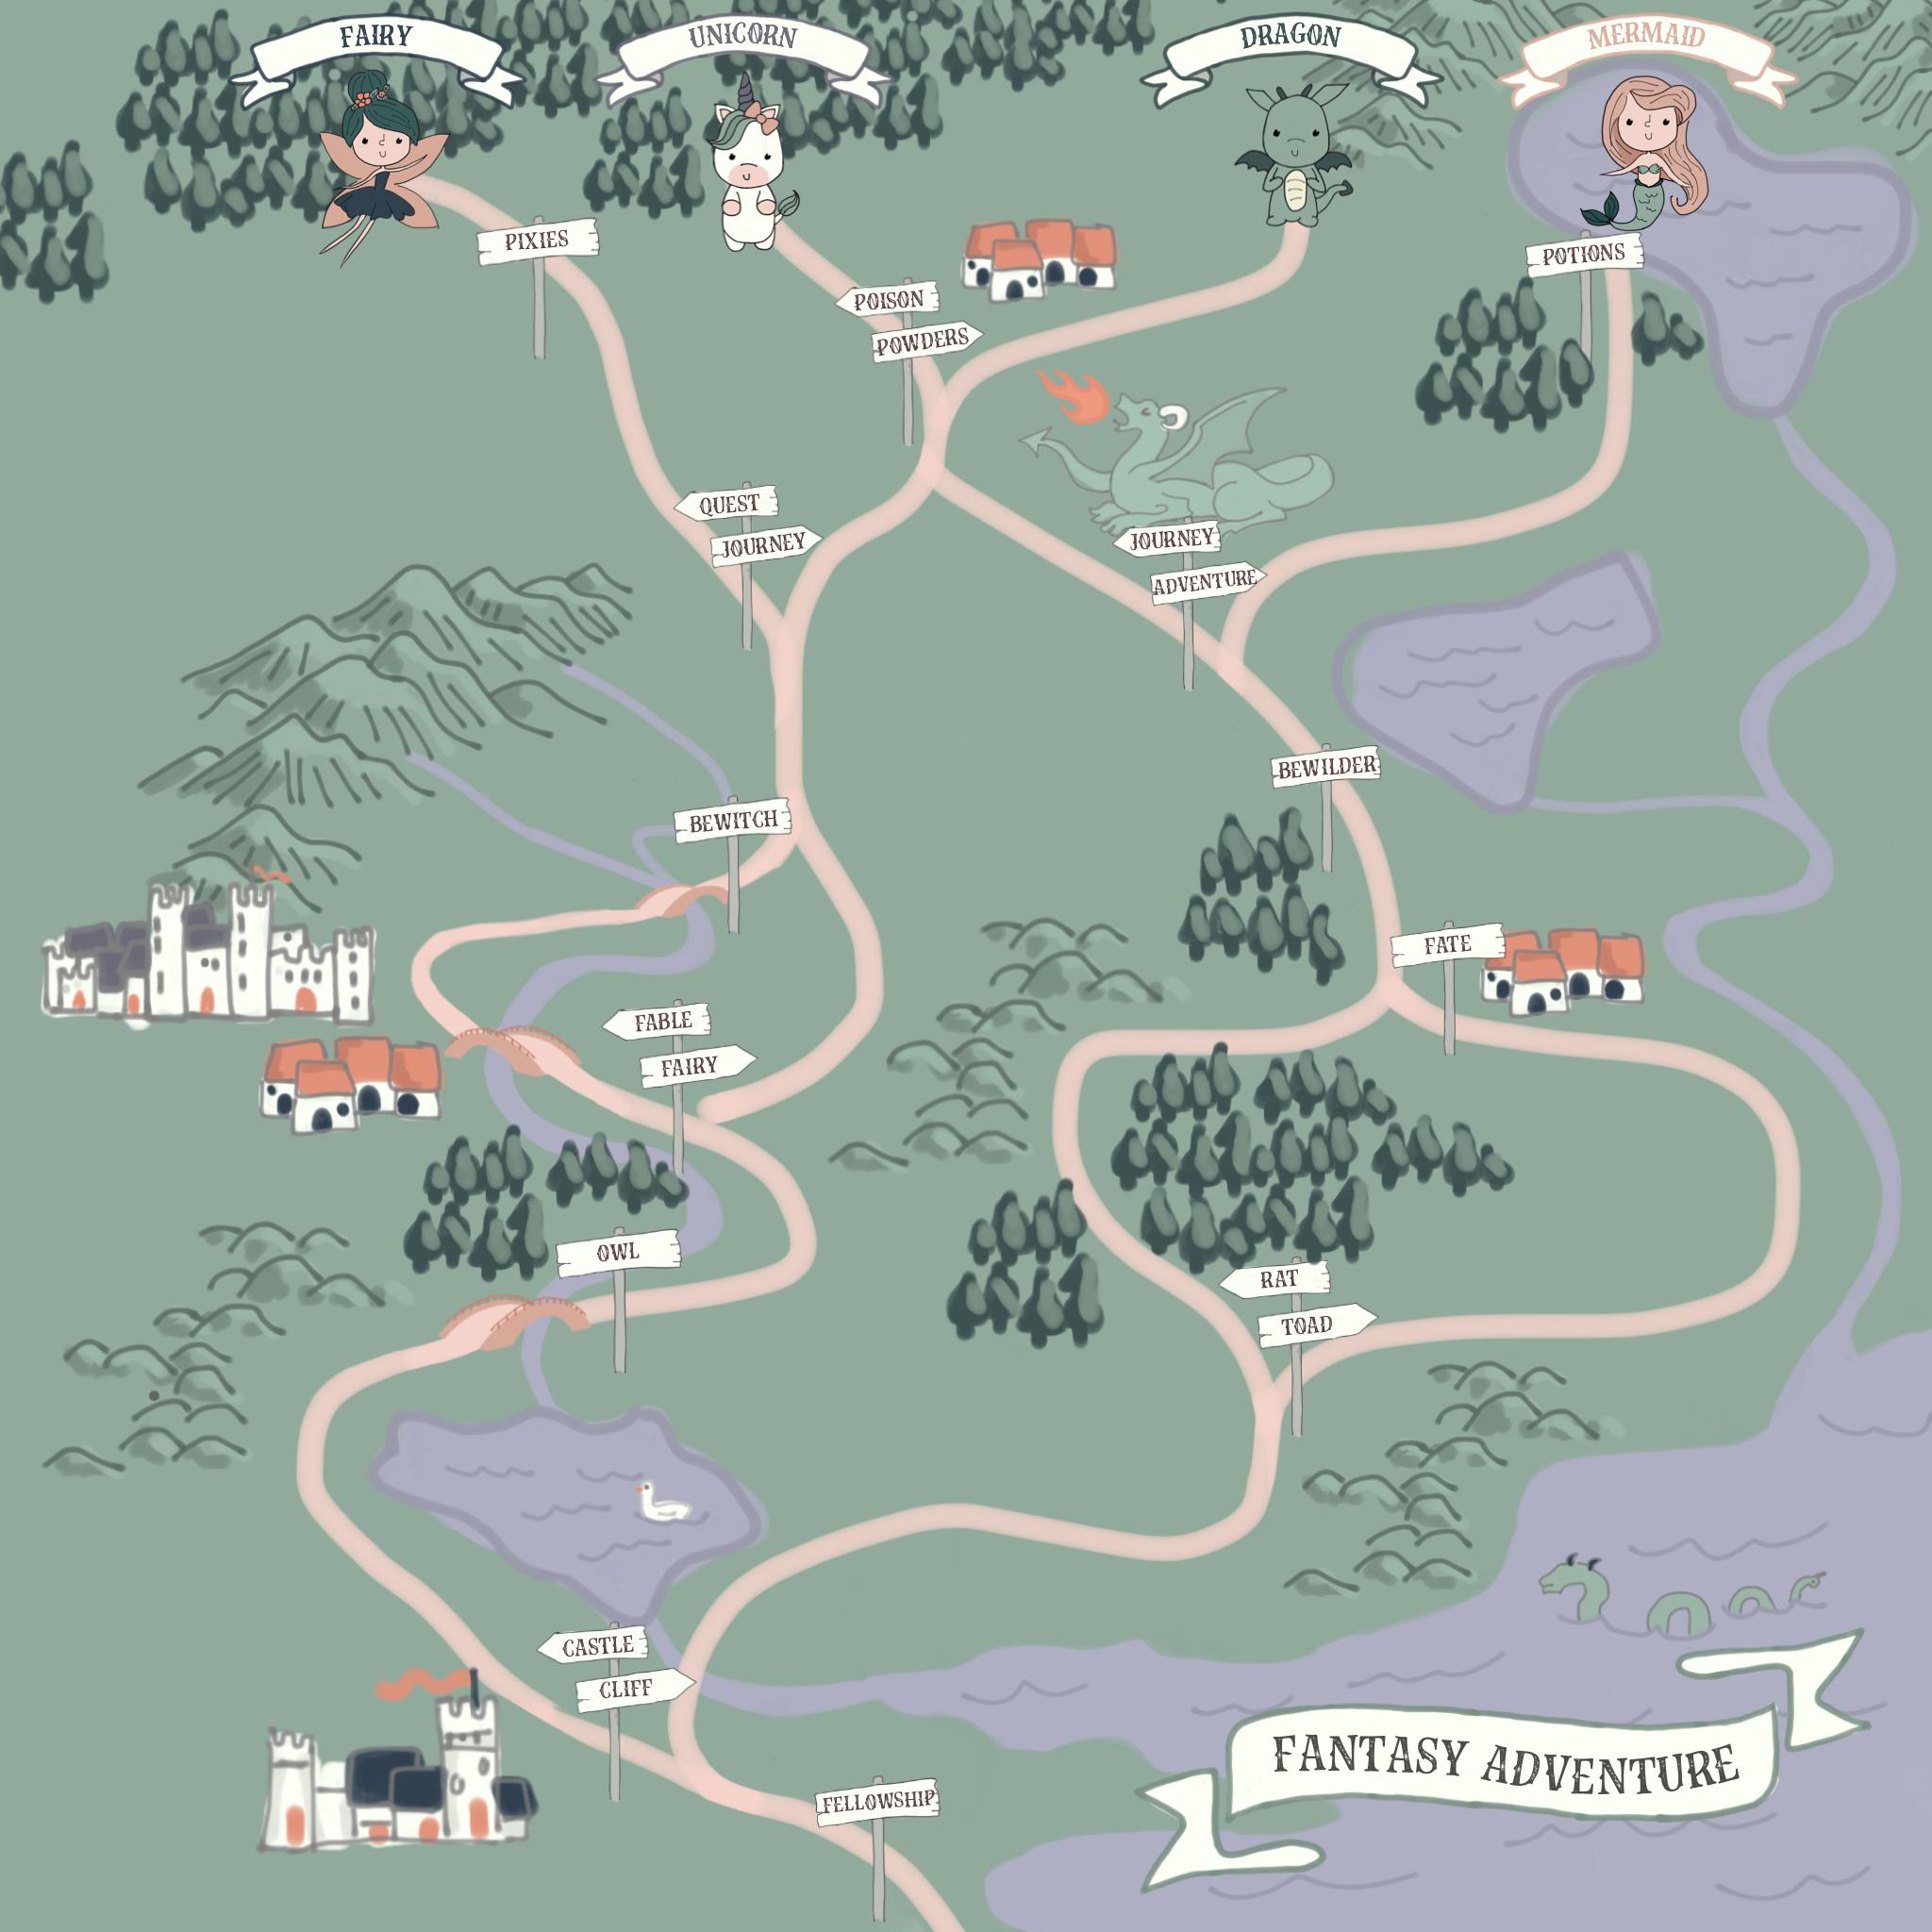 Fantasy Adventureathon Map